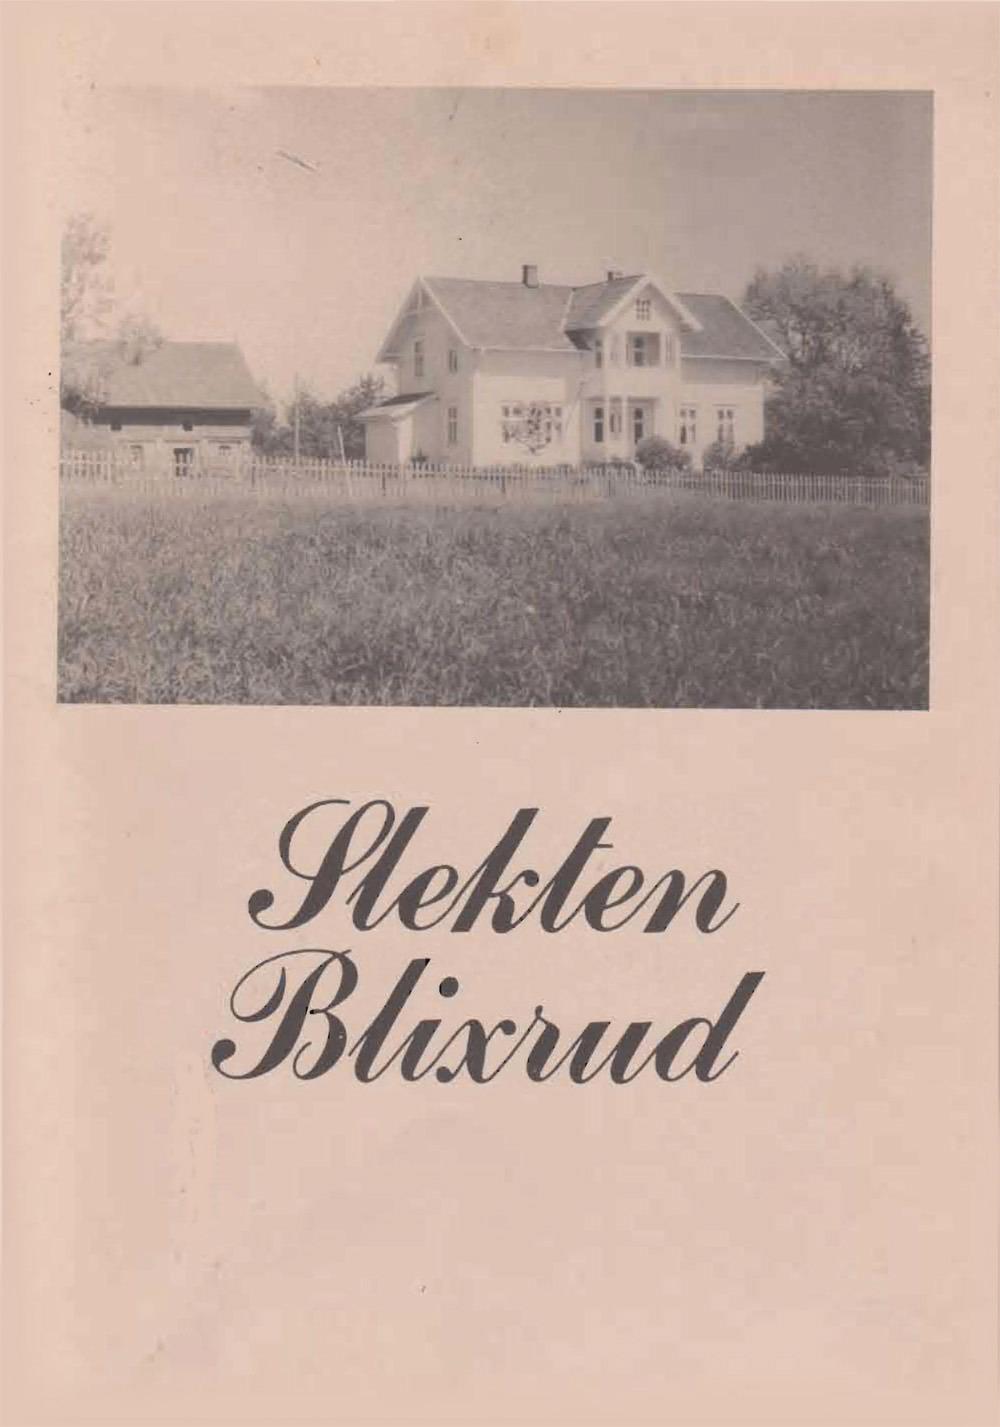 Blixrud-slekten.jpg